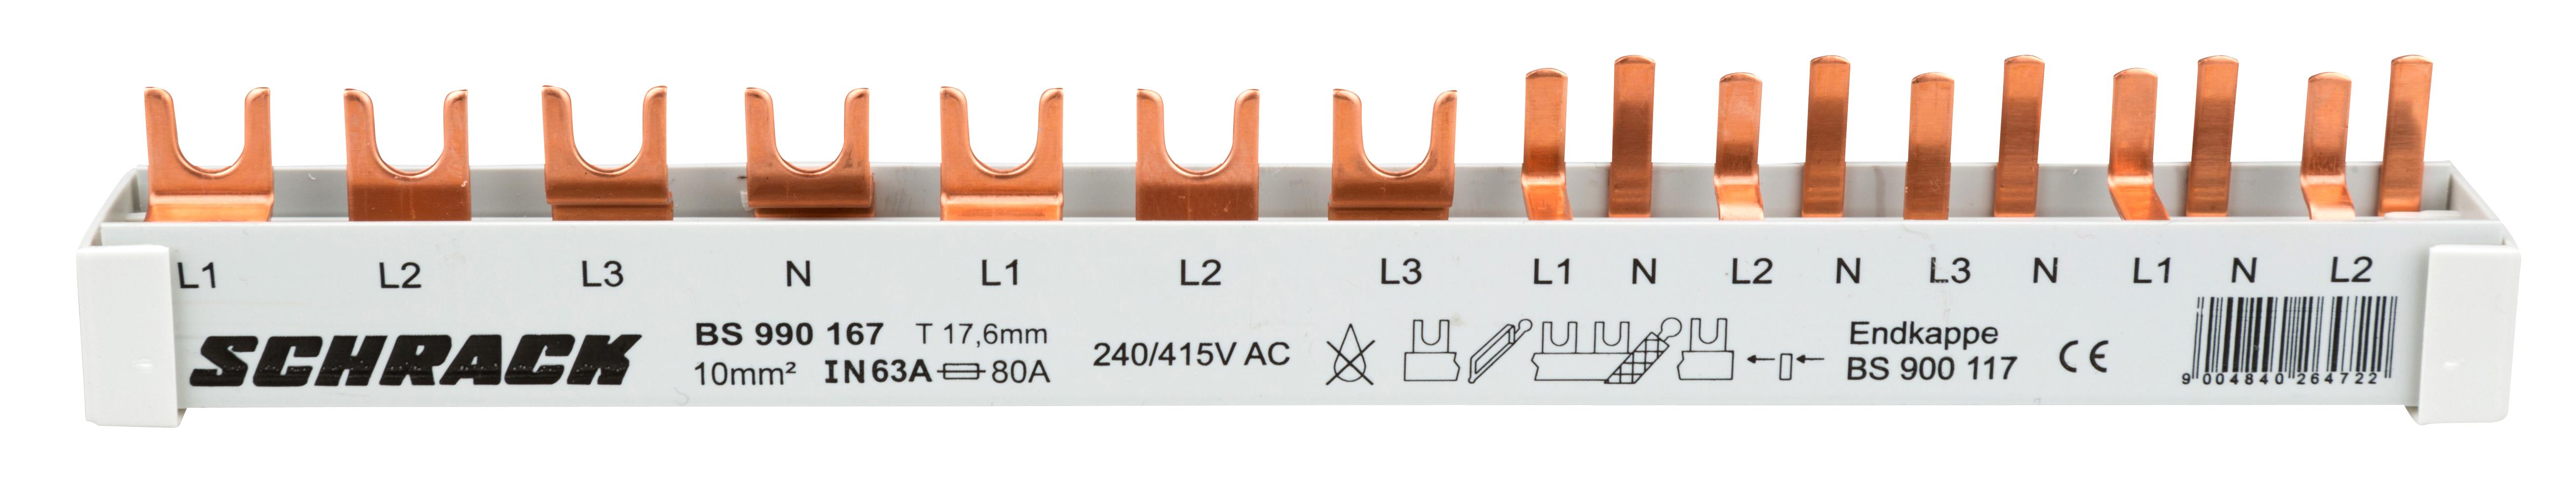 1 Stk Versch.schmal 4-pol. 12TE, 1xFI 4-p.,1xSI 3-p.,5xSI1+N/1TE BS990167--